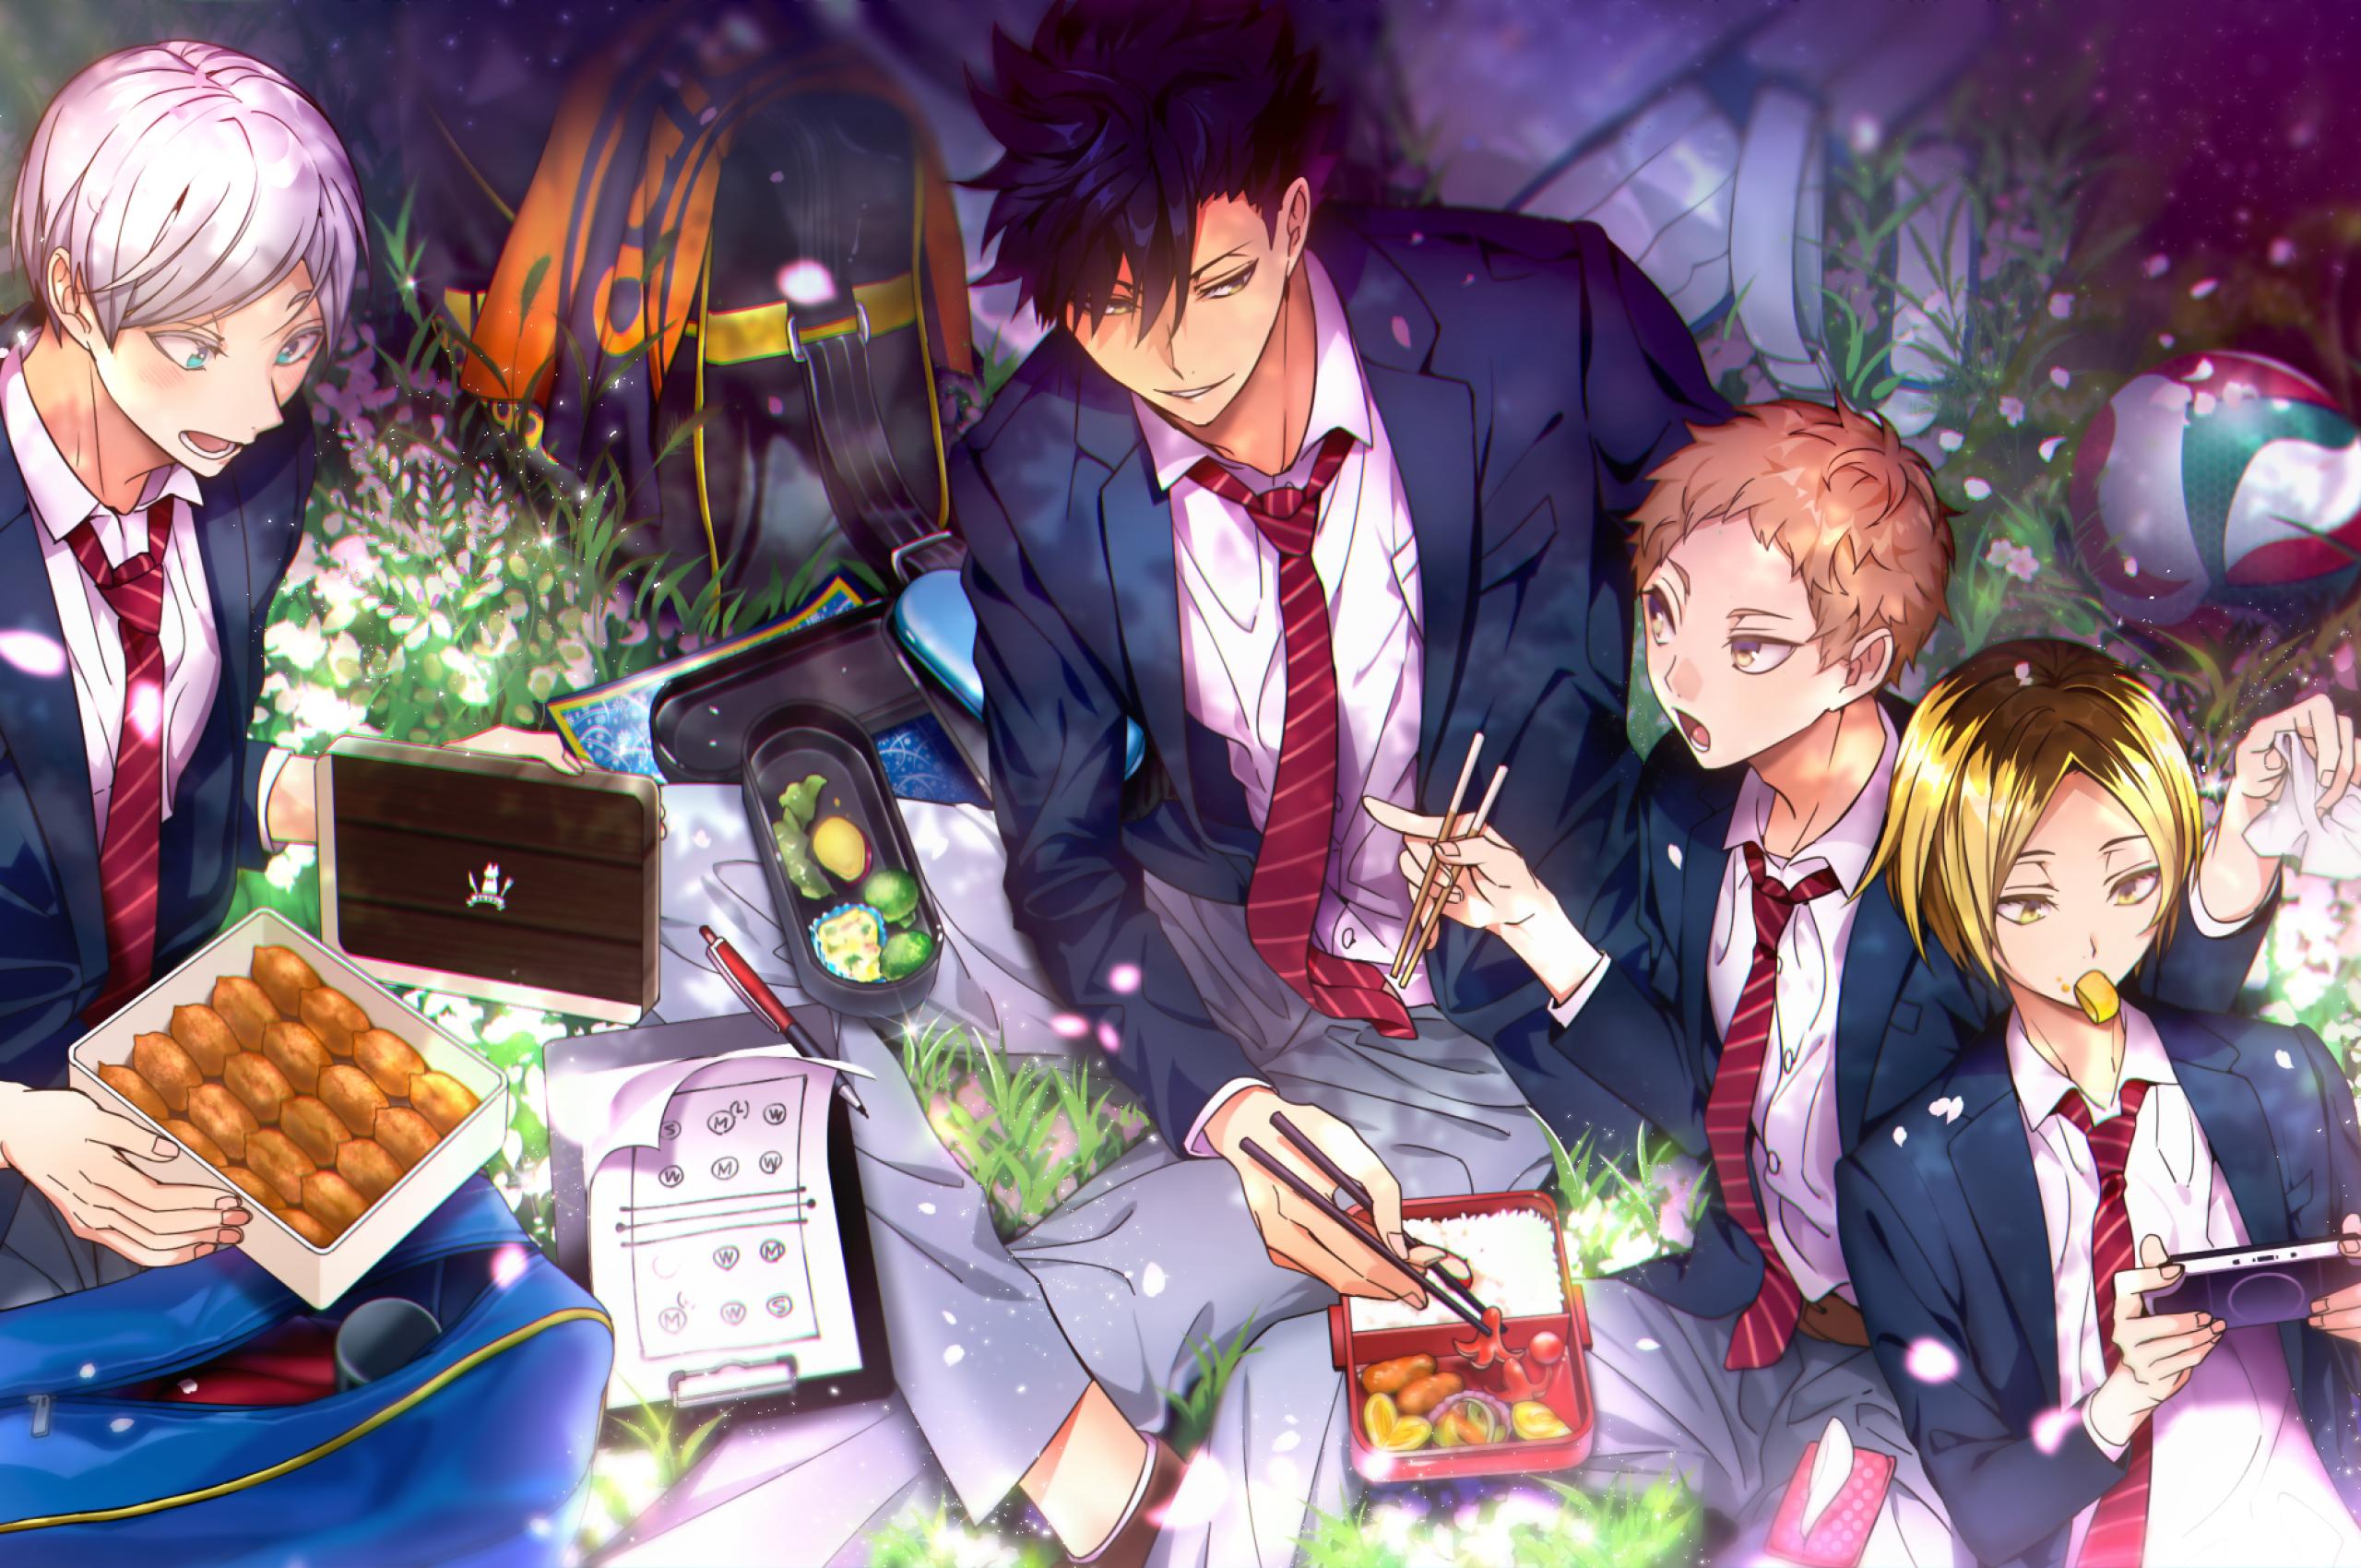 Haikyuu, Tetsurou Kuroo, Kenma Kozumeshoujo, Anime - Kuroo Tetsurou Wallpaper Hd - HD Wallpaper